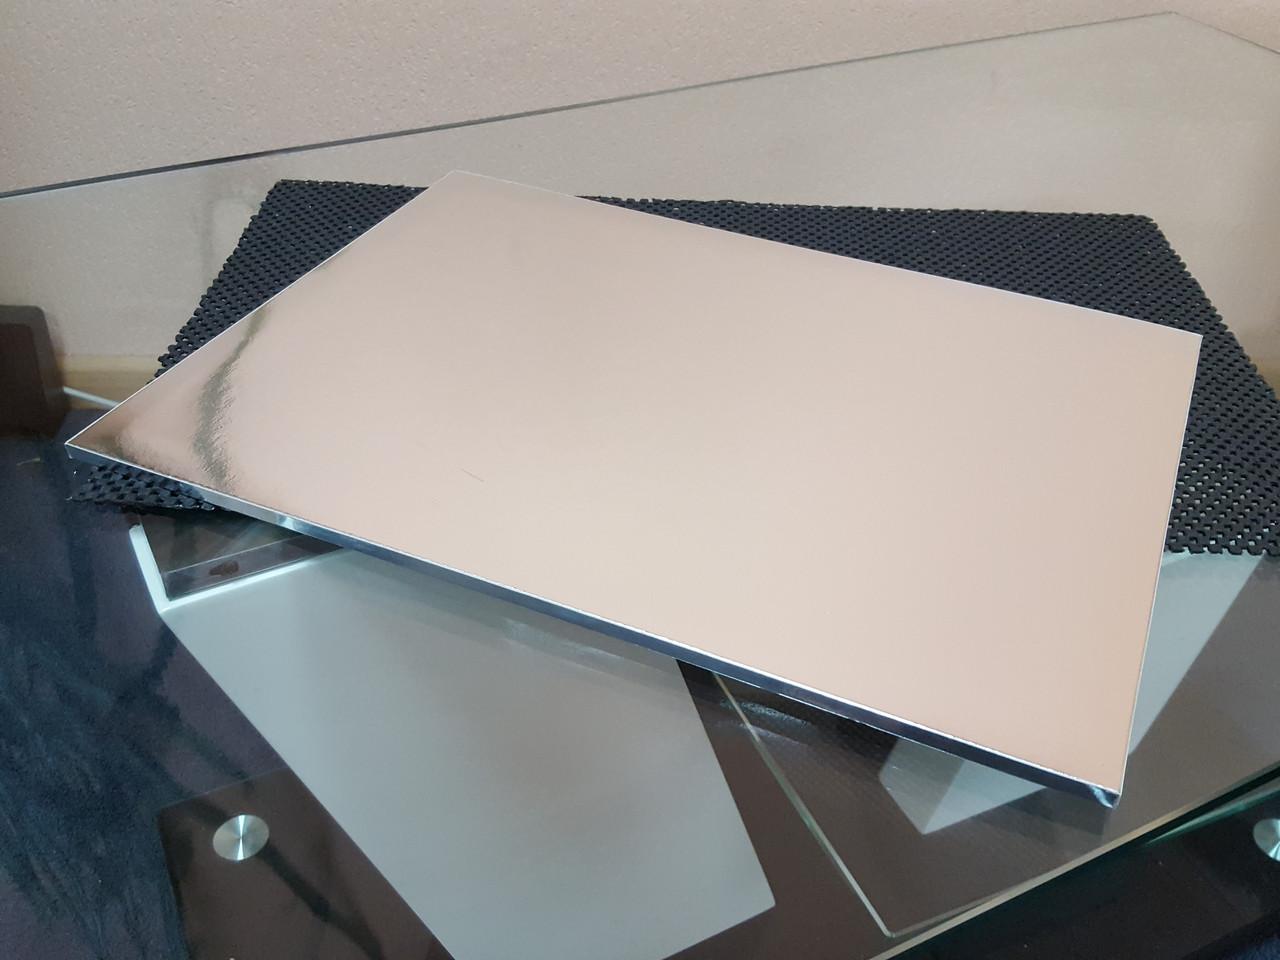 Підкладка під торти ущільнена срібло (8мм) 400х600 мм